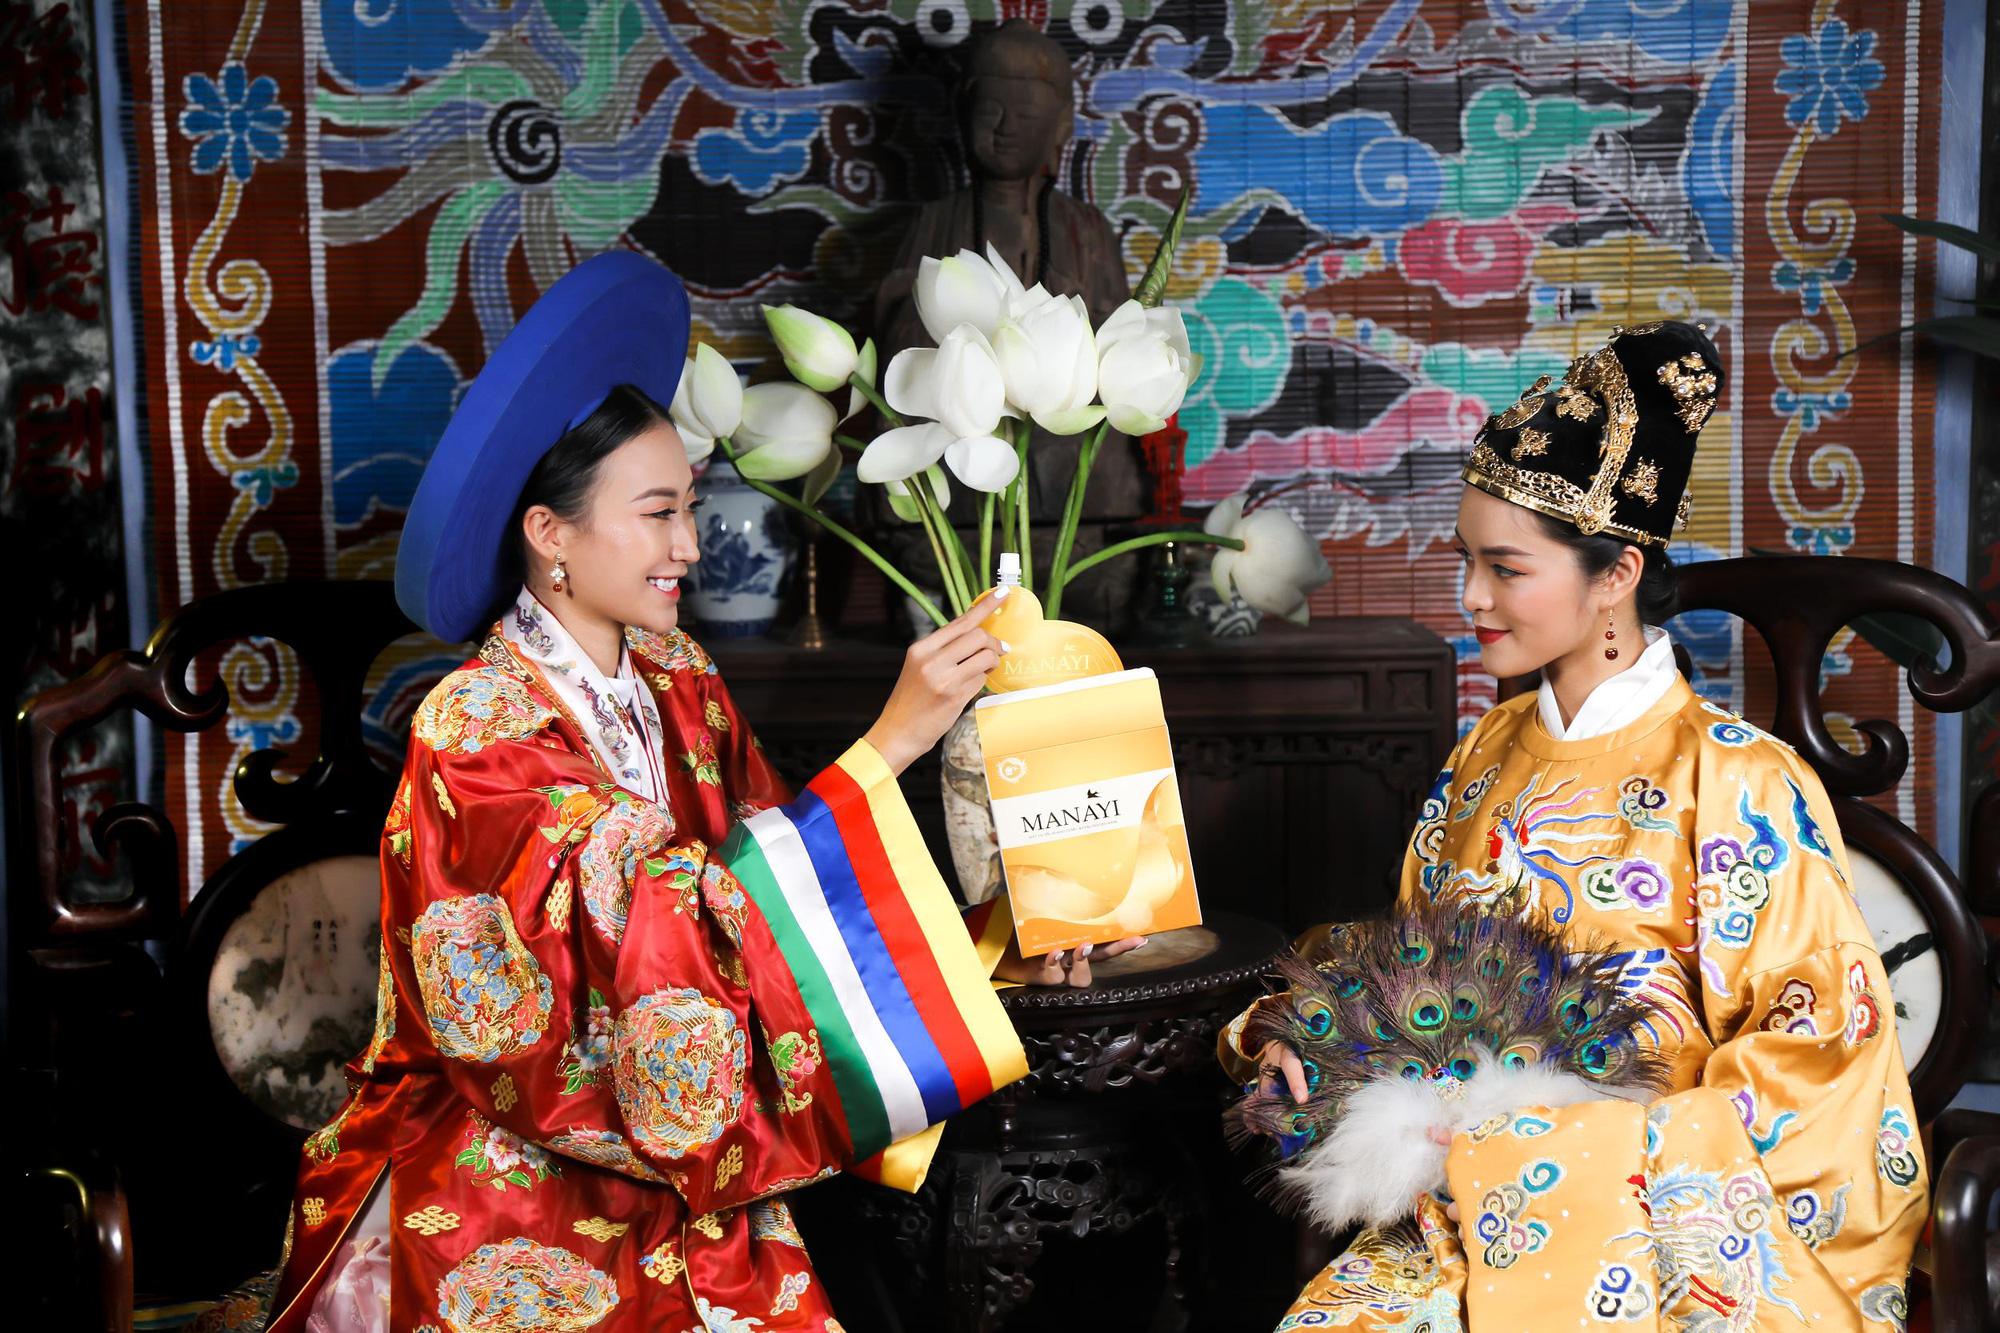 """Ấn tượng bộ ảnh """"Manayi - vàng son một thuở"""" tôn vinh hương sắc đất Việt ngàn năm - Ảnh 1."""